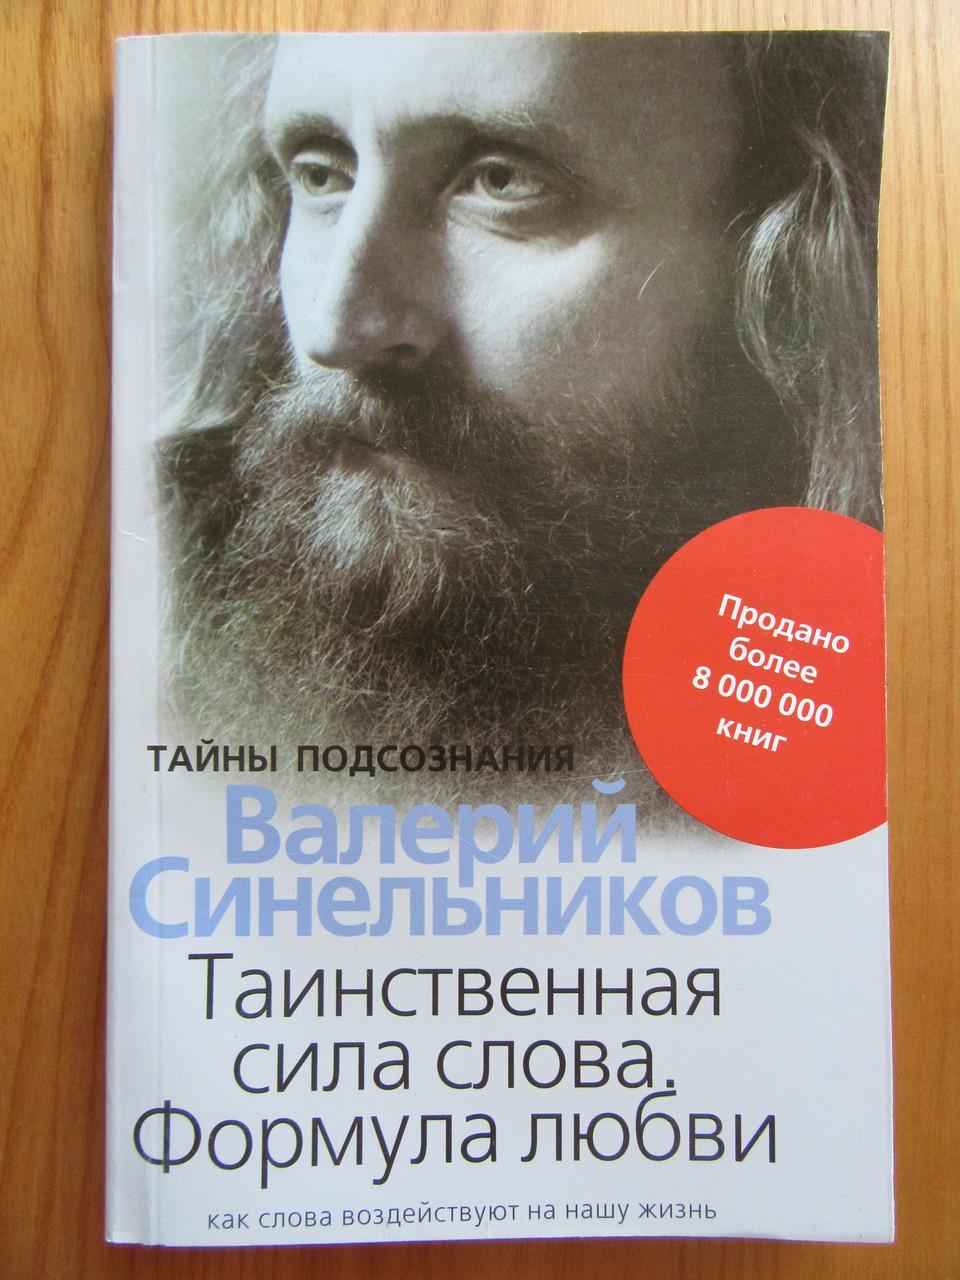 Валерій Синельников. Таємнича сила слова. Формула любові. Як слова впливають на наше життя